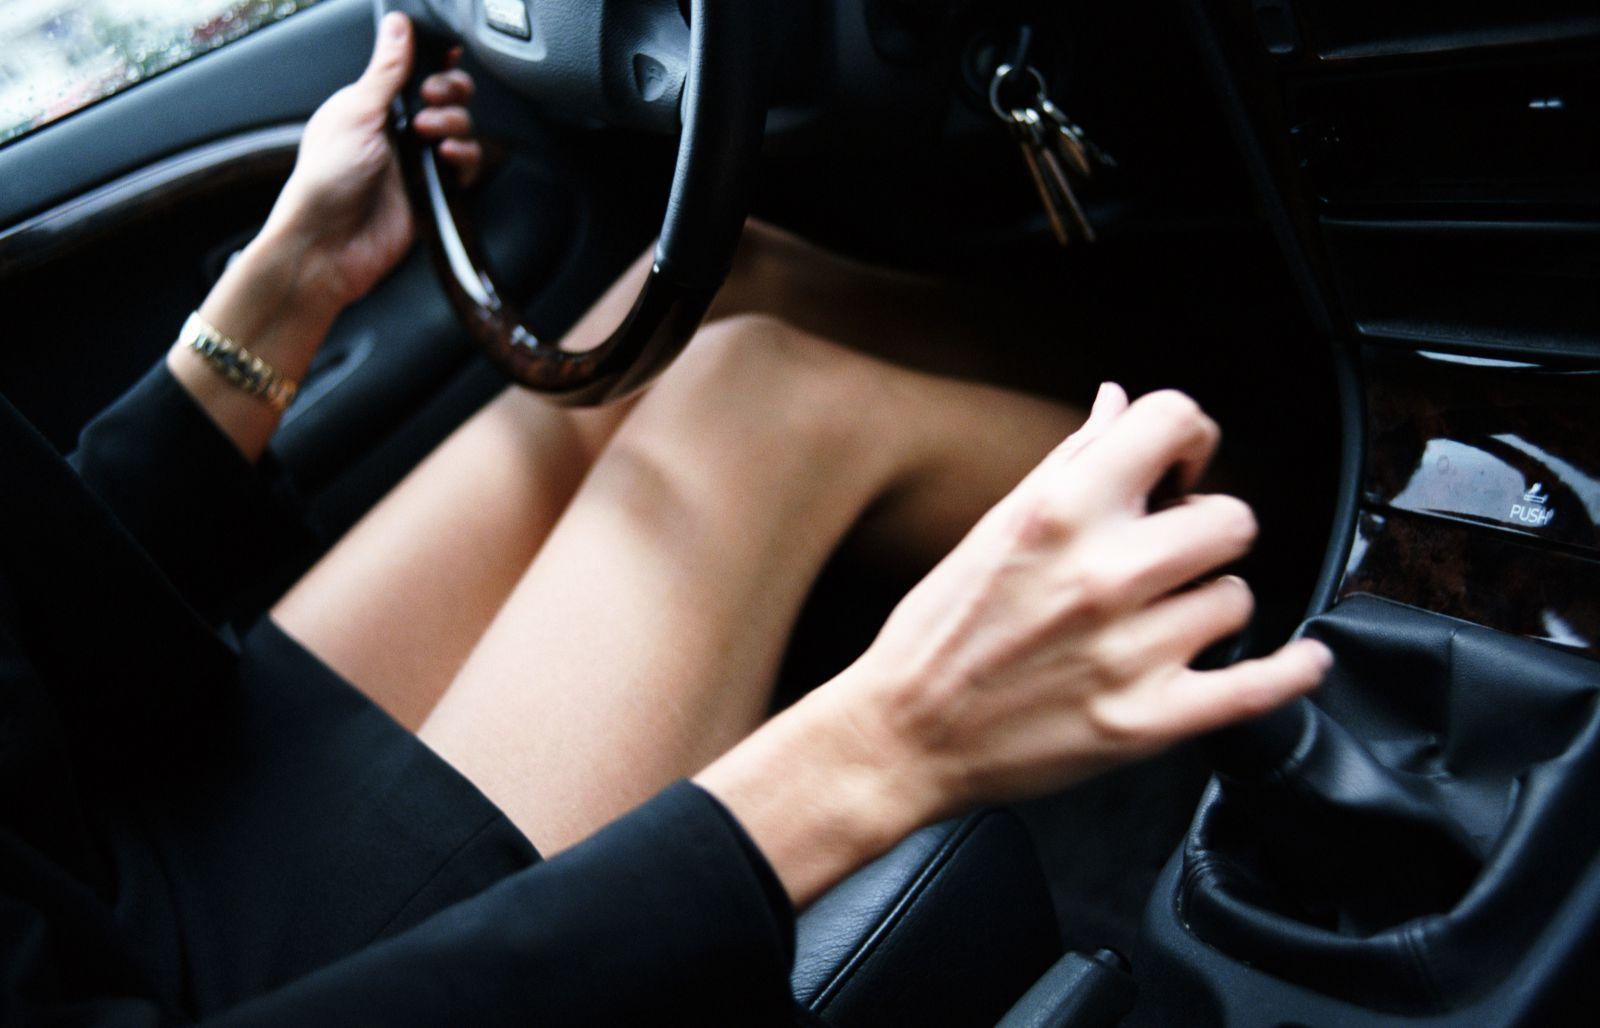 運転中のミニスカ女の美脚太ももエロ画像18枚